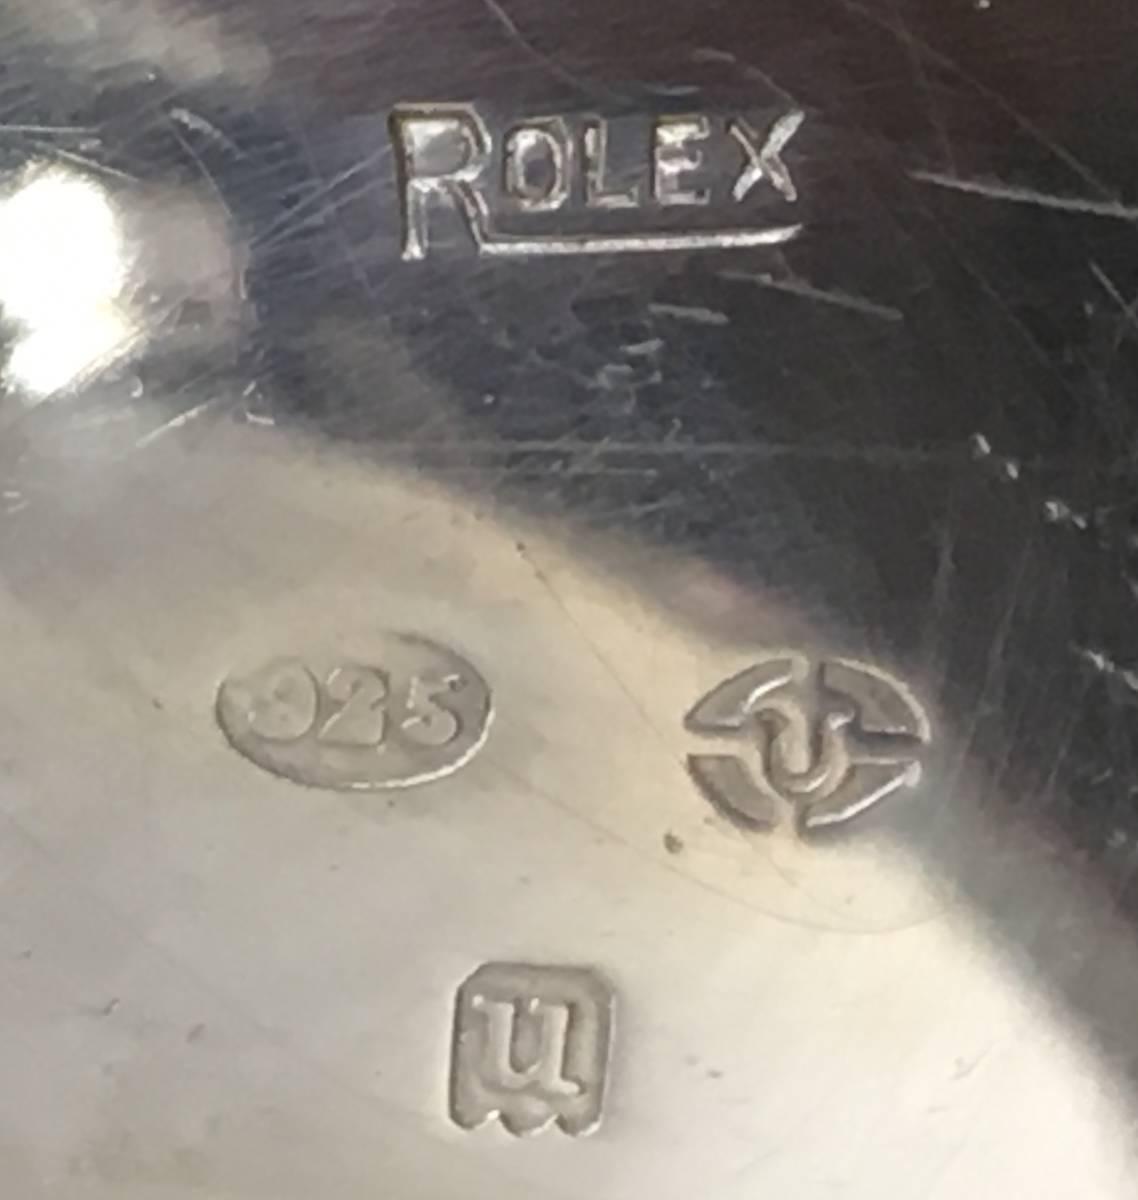 1916年希少アンティークRolex懐中時計!純銀ロレックス本物保証・ホールマーク有!味わいの逸品!手巻き_画像3